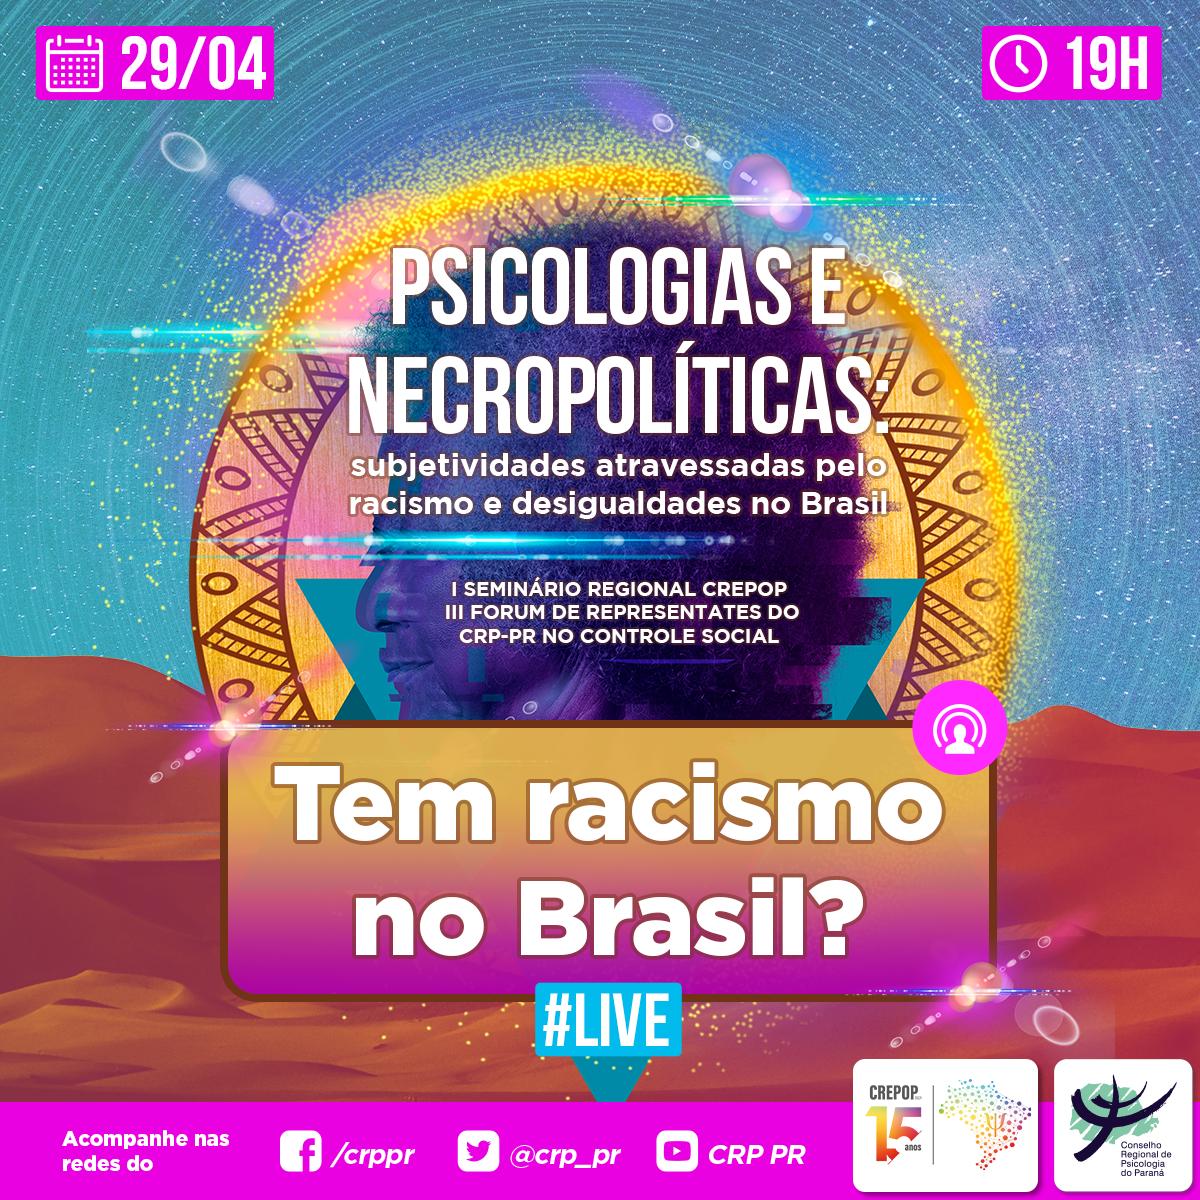 Psicologias e Necropolíticas: subjetividades atravessadas pelo racismo e desigualdades no Brasil                                                             I Seminário Regional CREPOP & III Forum de Representantes do Controle Social